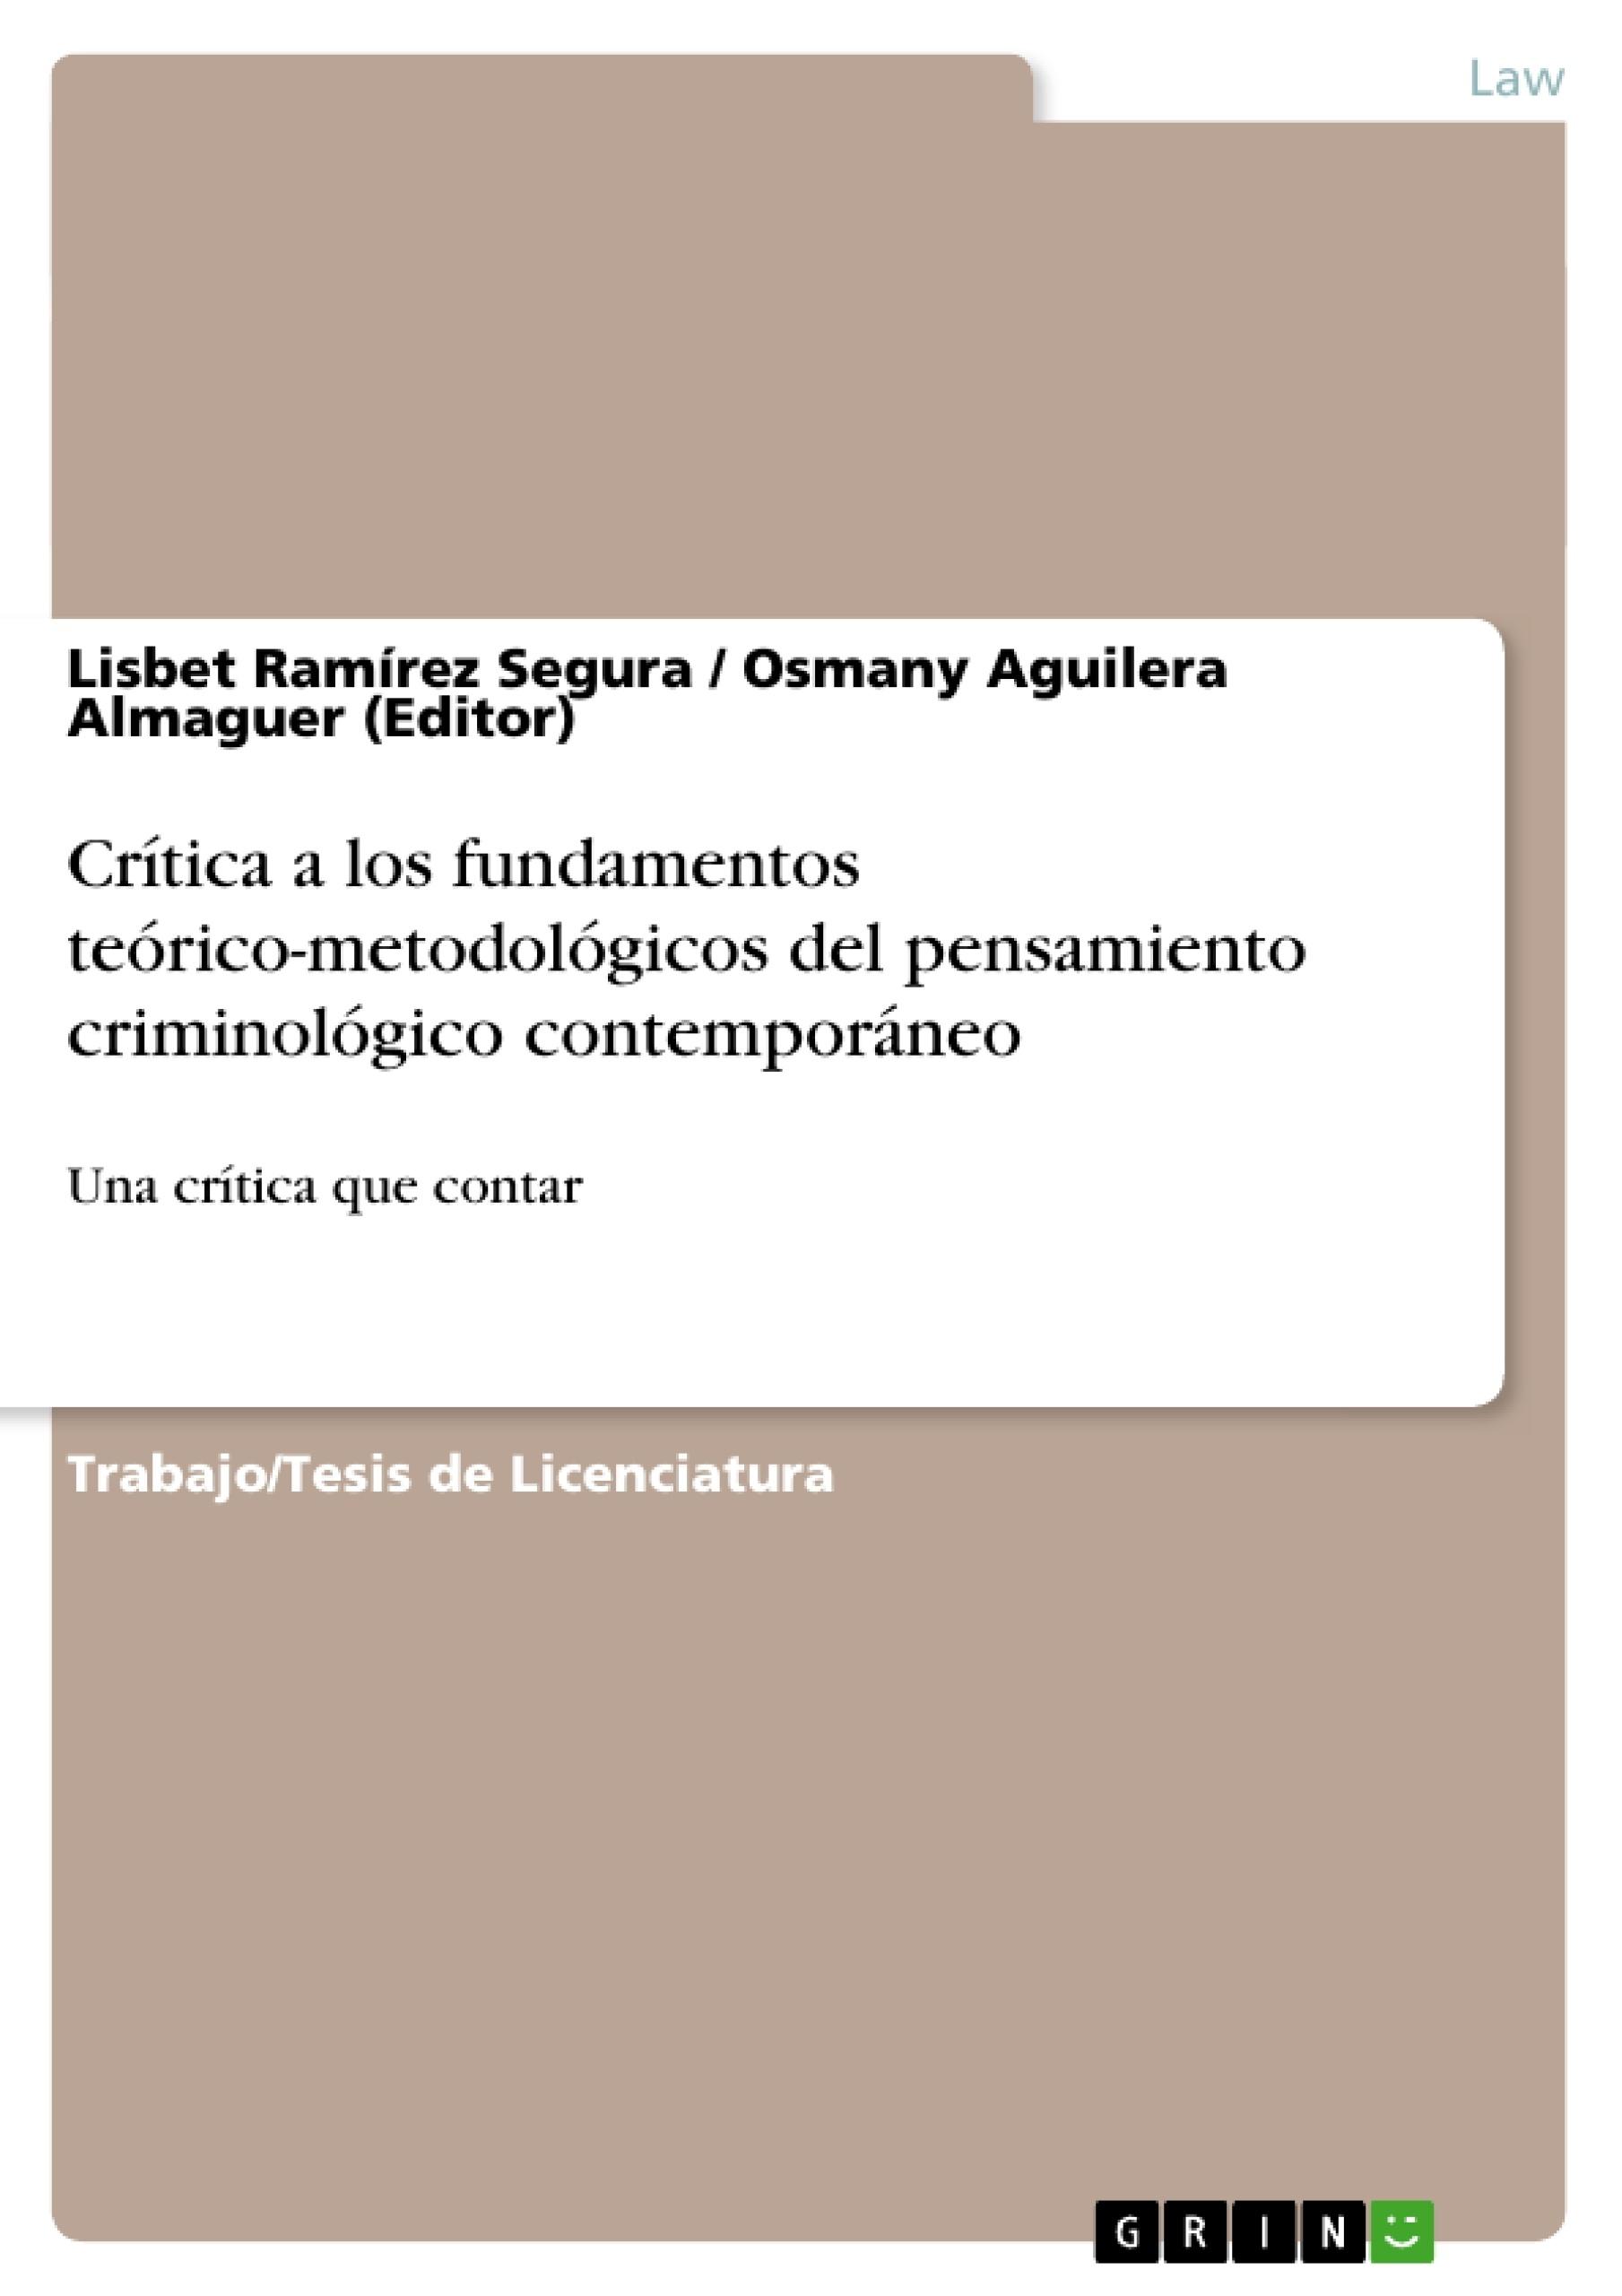 Título: Crítica a los fundamentos teórico-metodológicos del pensamiento criminológico contemporáneo